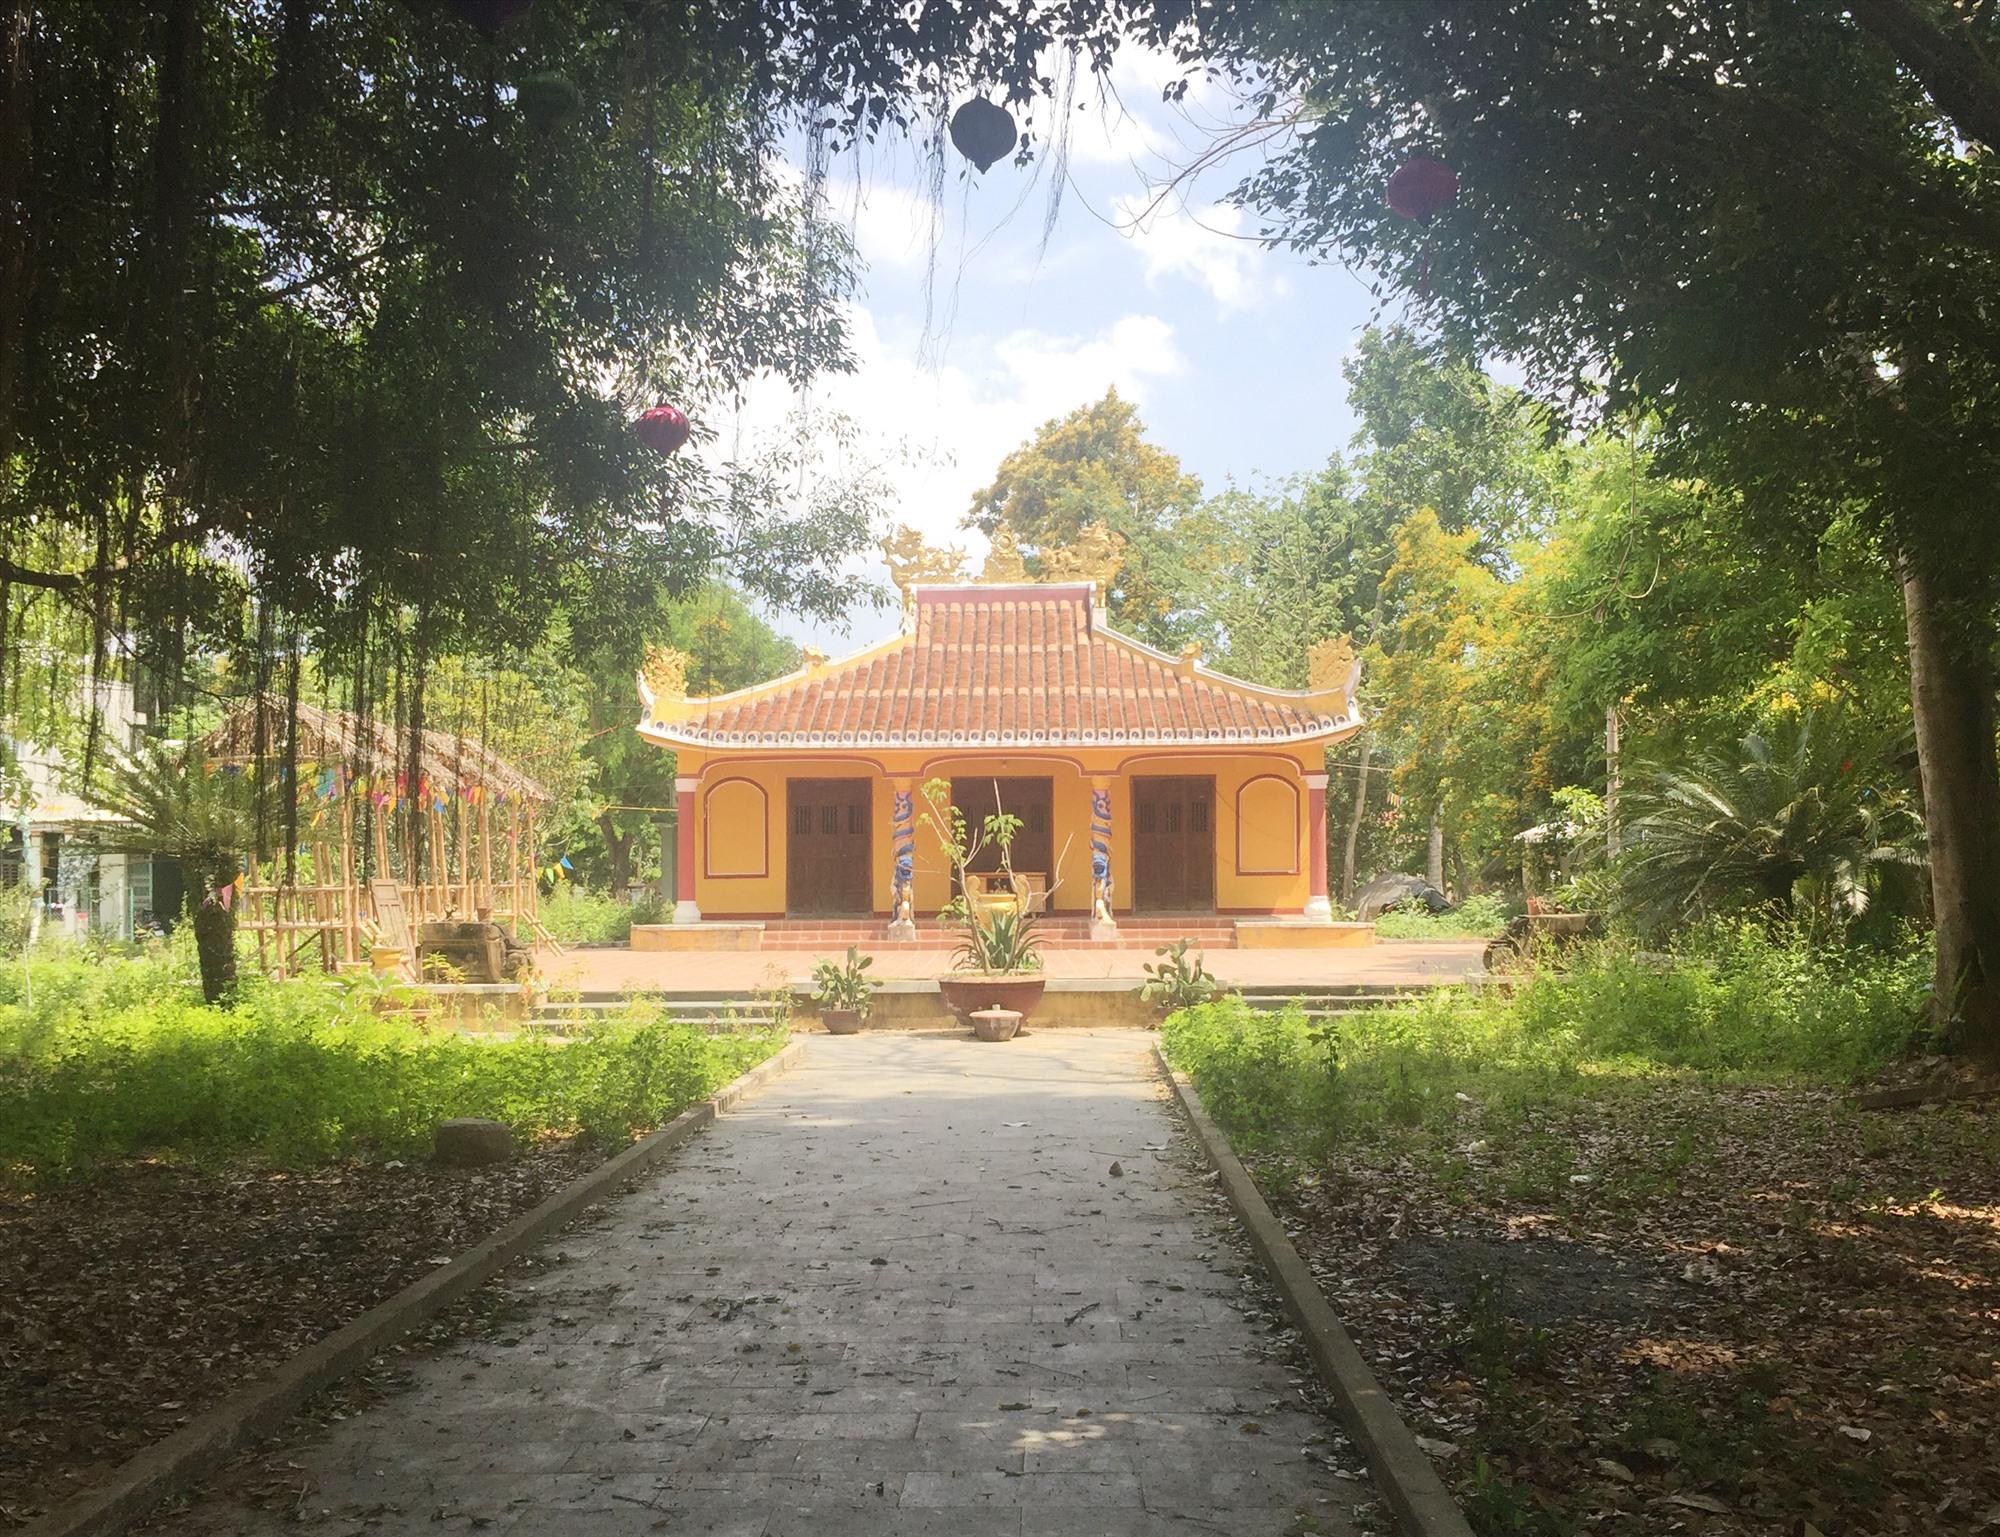 Đình xã Tam Kỳ xưa (nay gọi là Đình làng Hương Trà). Ảnh: P.B